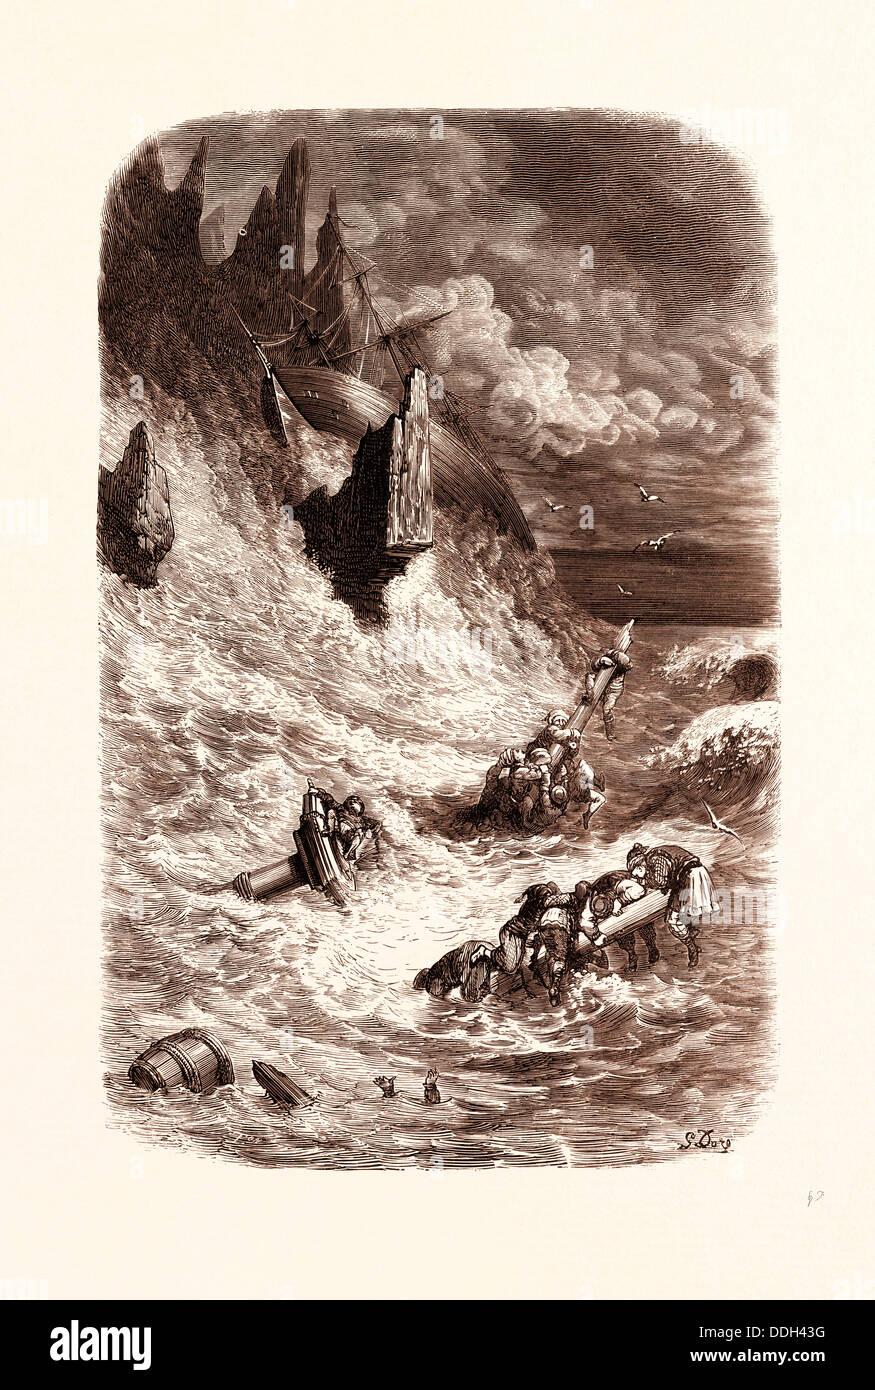 VERSEILUNG von SINBADS Schiff, von GUSTAVE DORE, 1832-1883, Französisch. 1870, Kunst, Künstler, Romantik, Stockbild